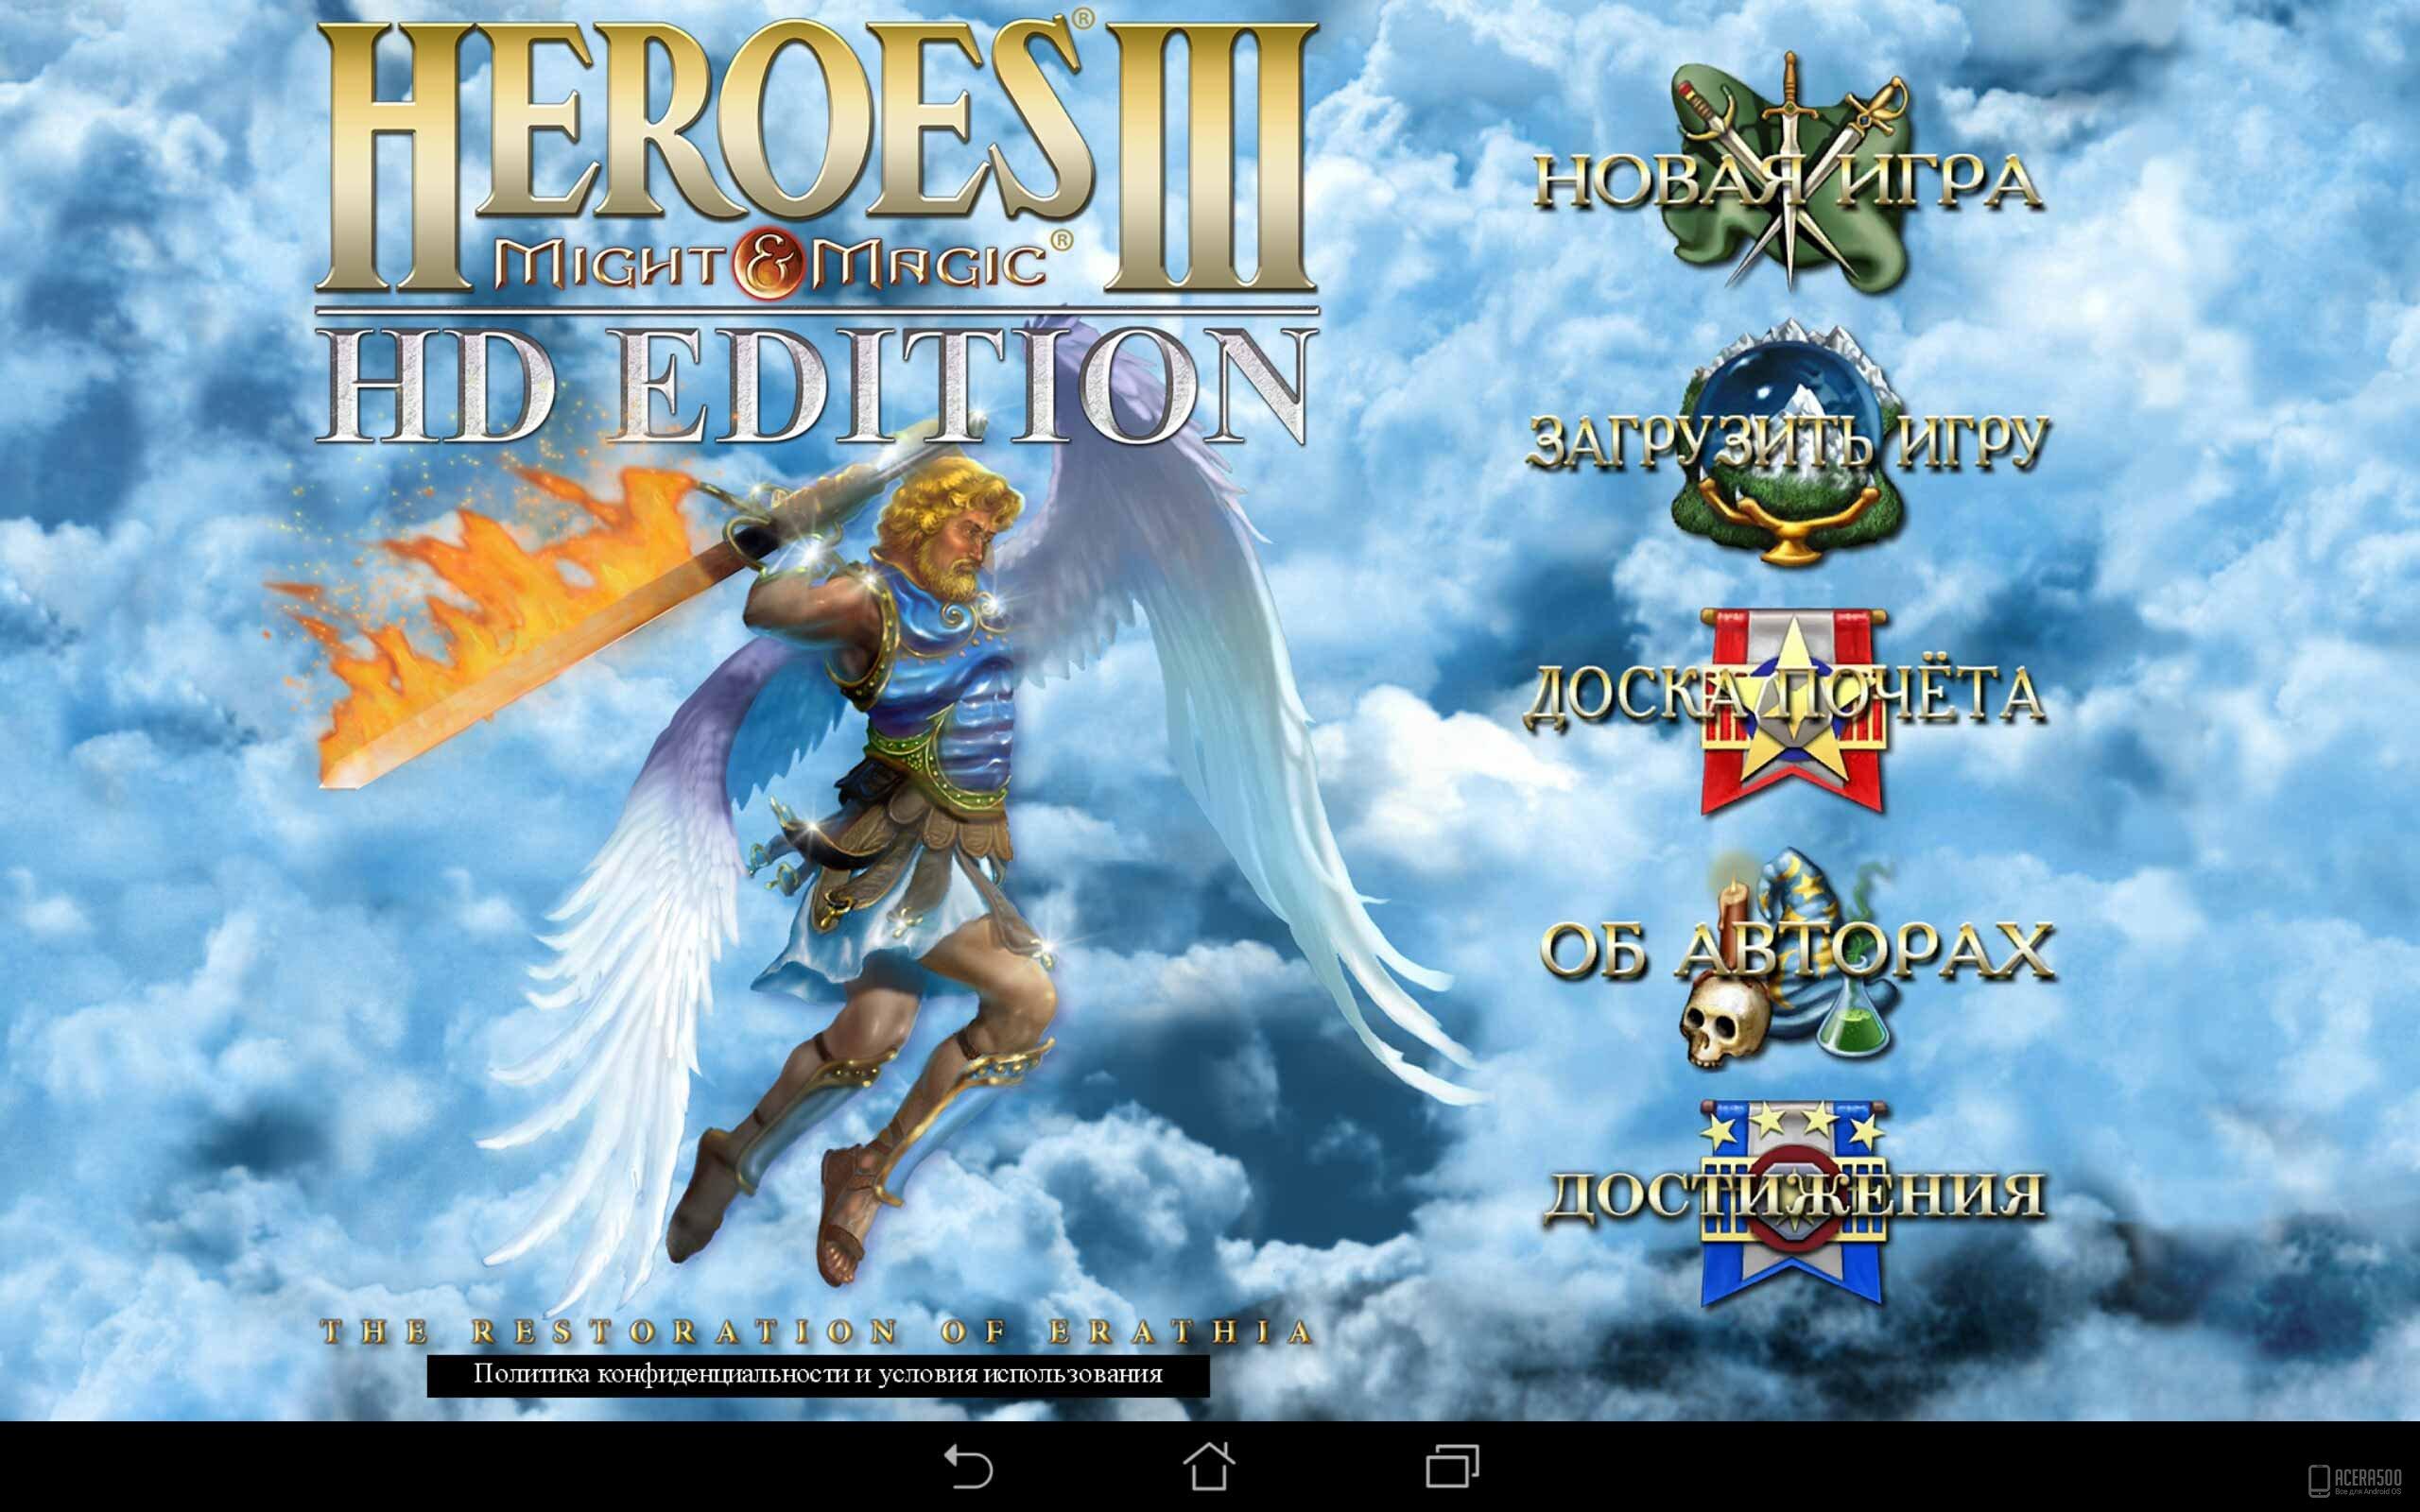 Скачать герои меча и магии 3 на андроид планшет.